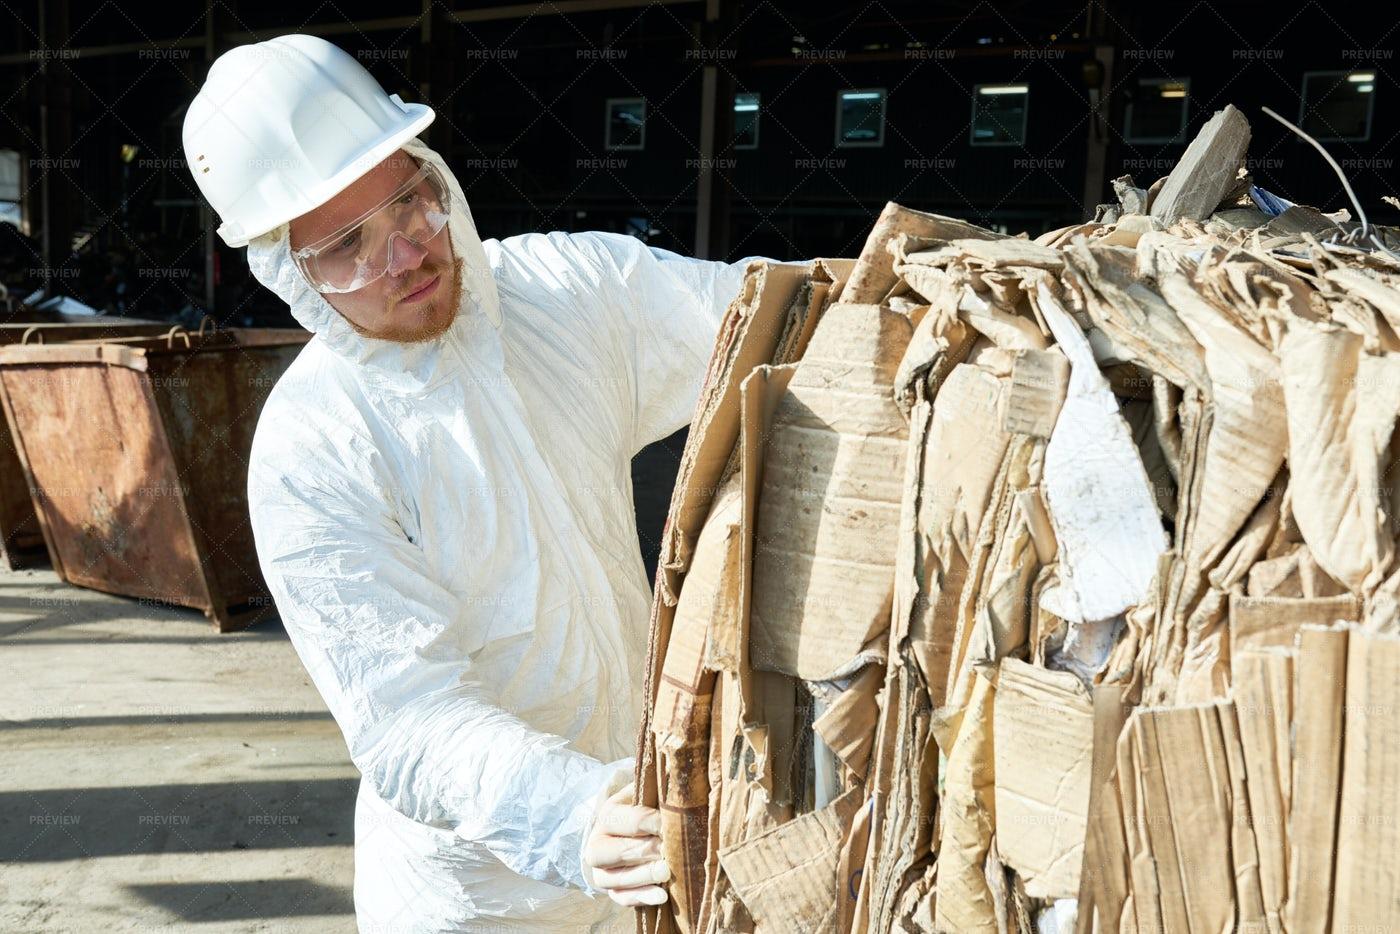 Worker In Hazmat Suit Sorting...: Stock Photos